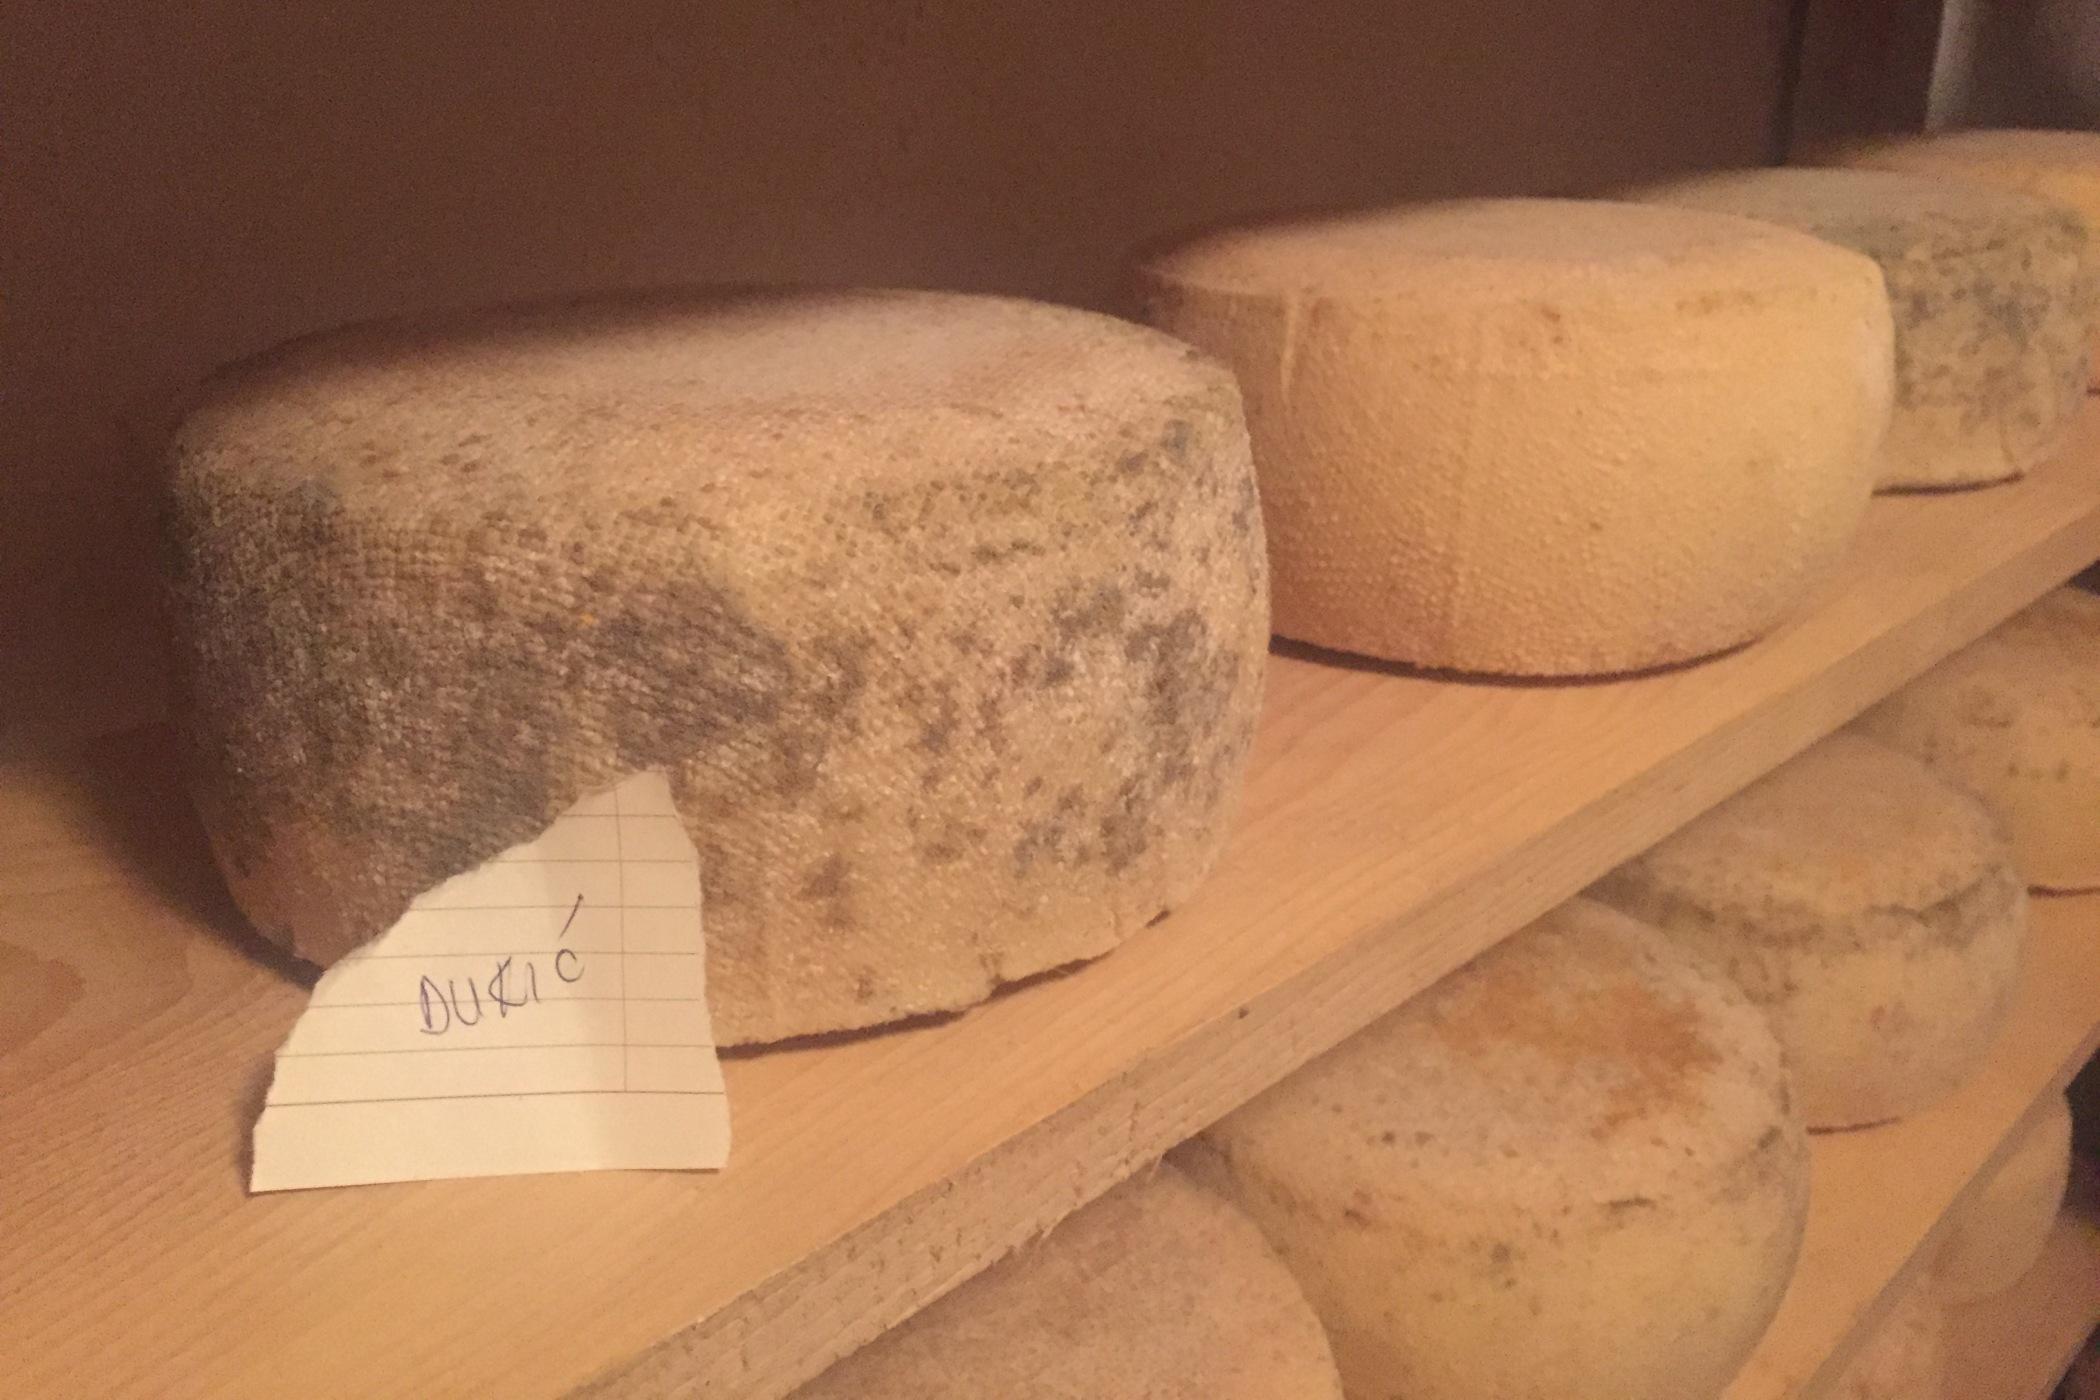 Livaňské sýry zrají na dřevěných policích déle než měsíc. Některé bochníky pana Jozy už jsou dokonce prodané